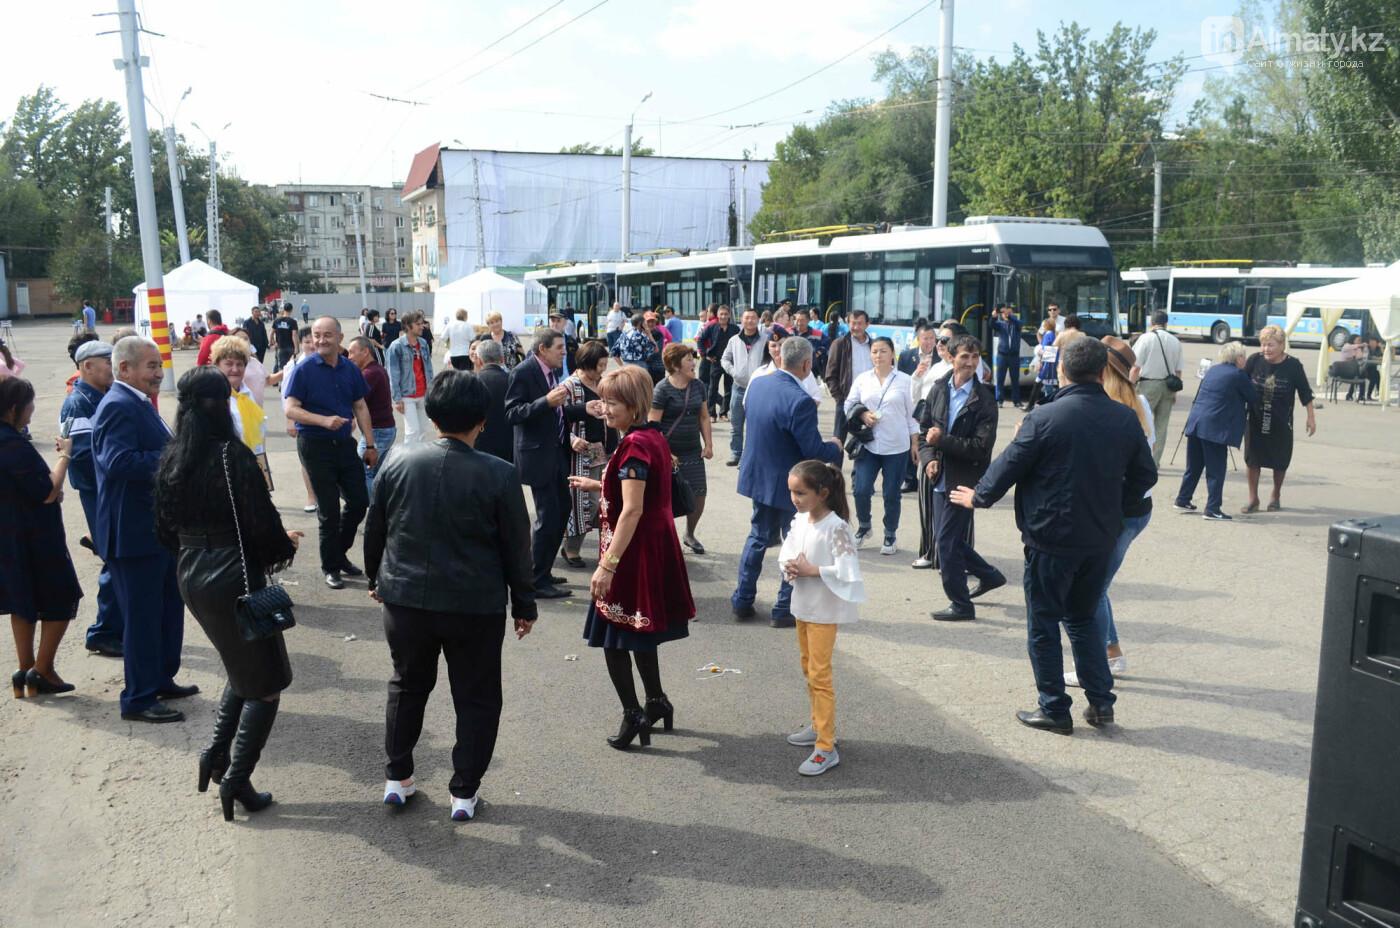 Юбилей троллейбуса отметили в Алматы (фото), фото-7